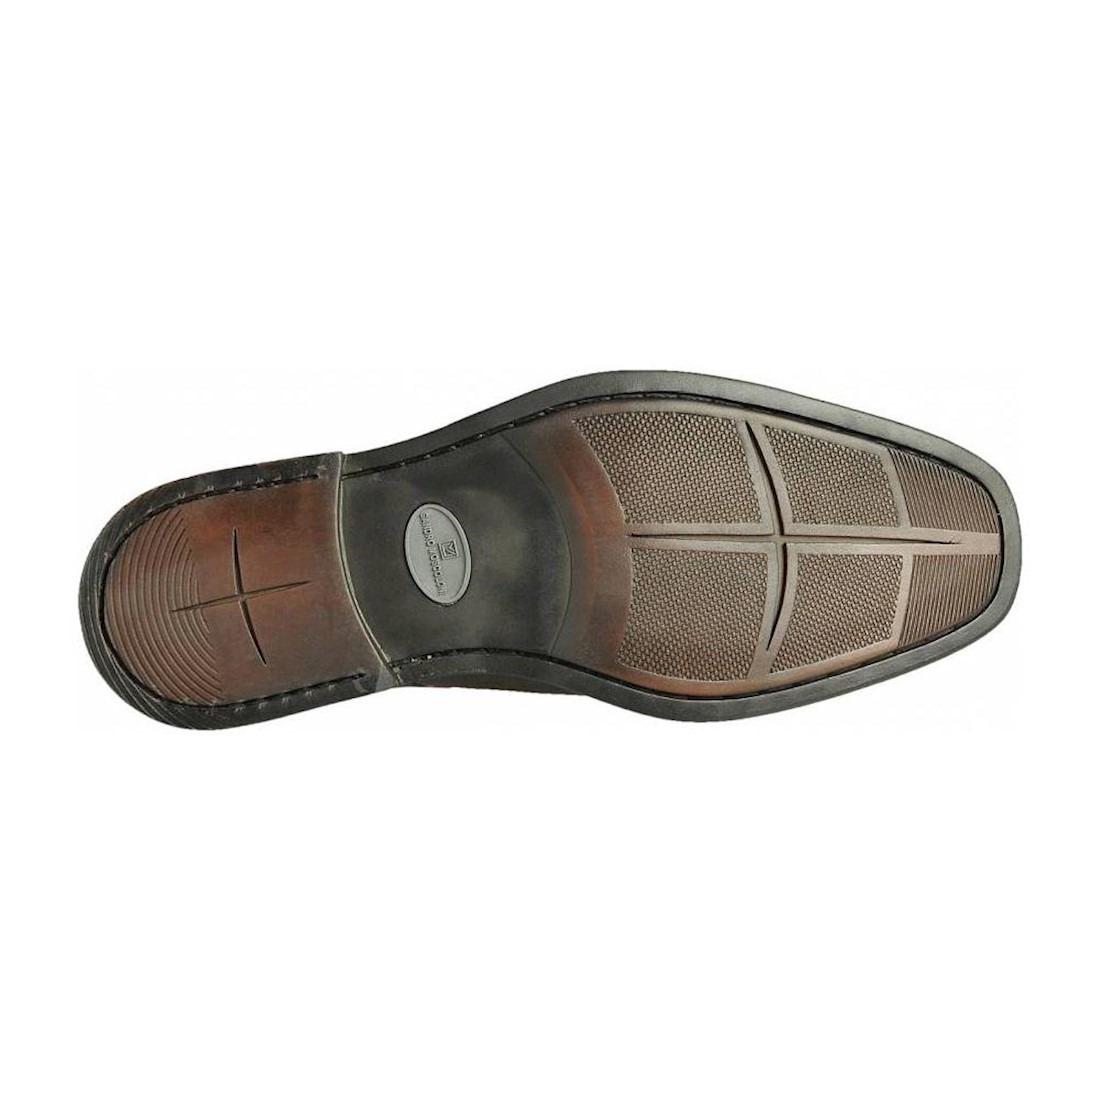 7a9132cc5a sapato social masculino derby sandro moscoloni hudson preto. Carregando zoom .